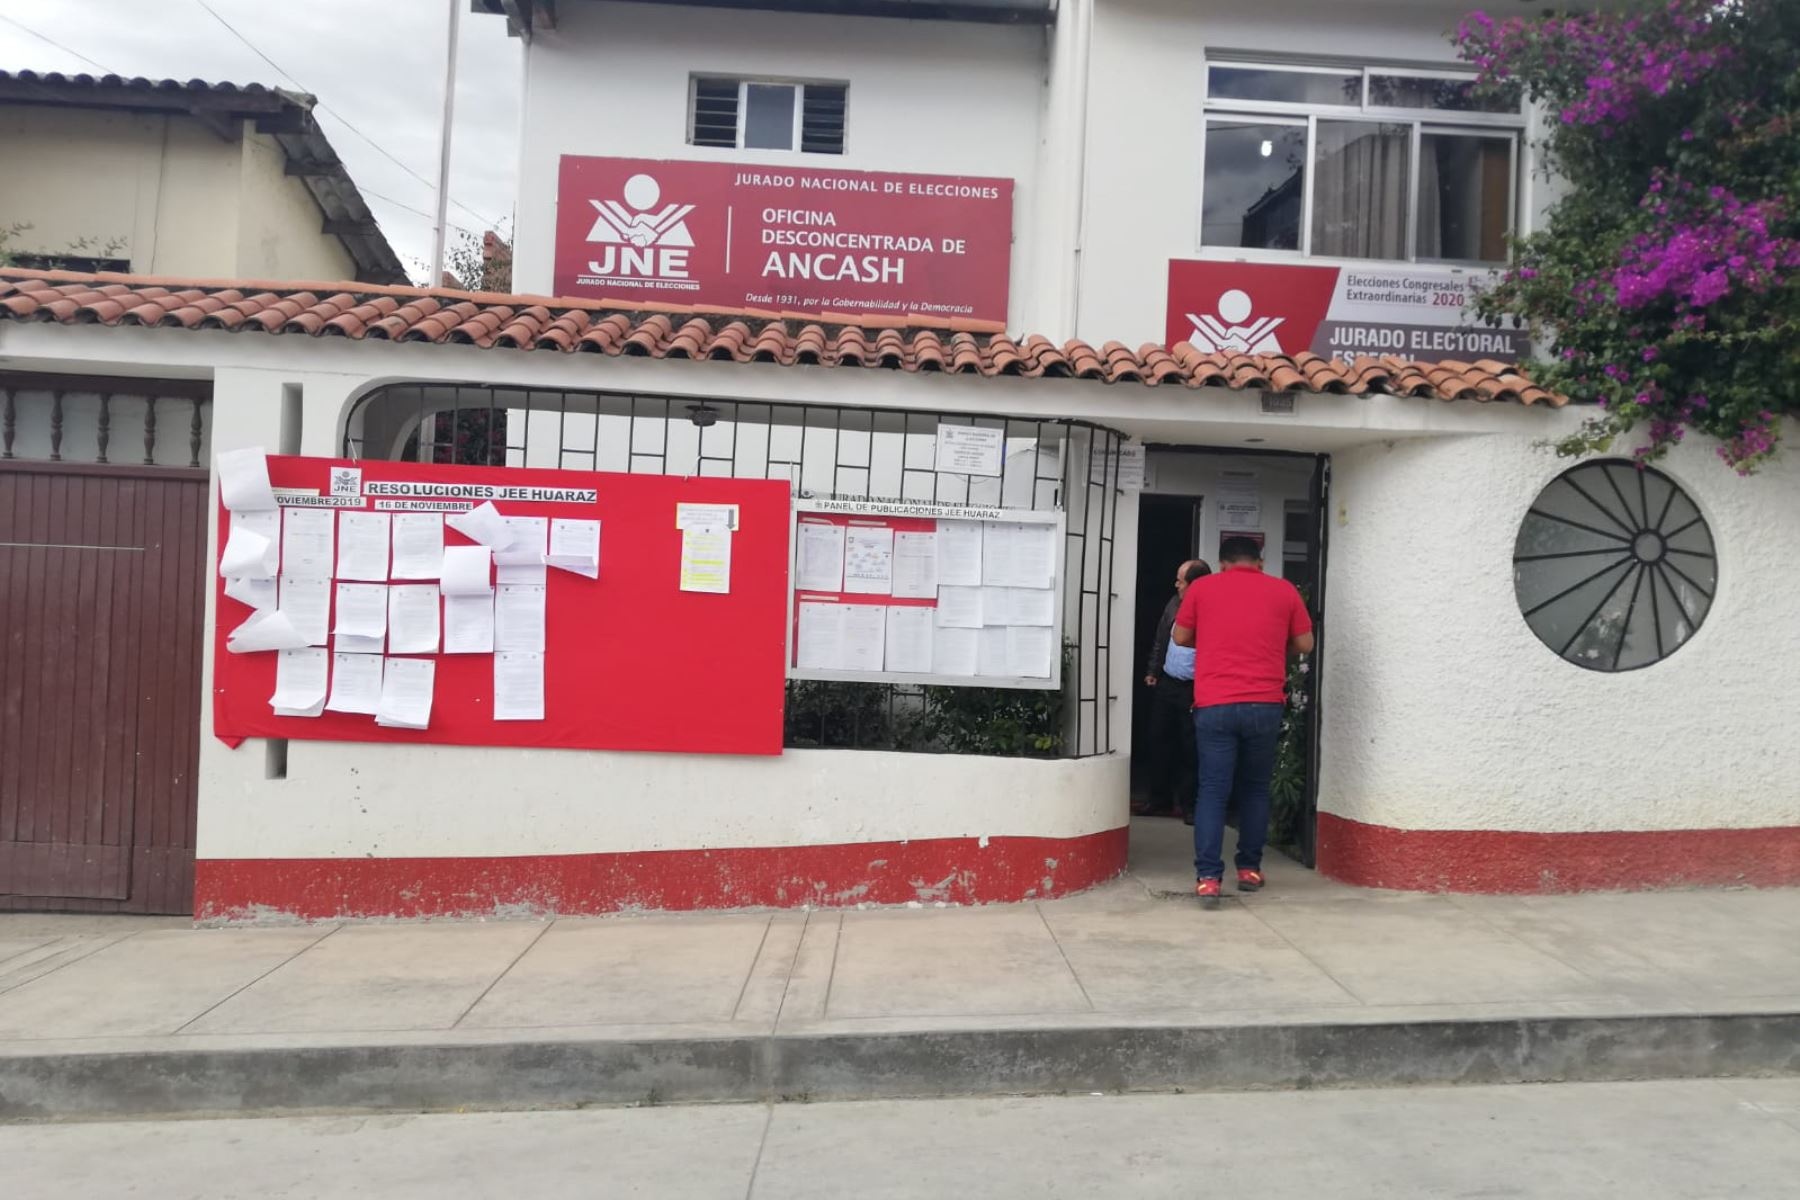 Al Jurado Electoral Especial (JEE) de Huaraz llegarpn 18 agrupaciones políticas para inscribir a sus candidatos al Congreso por Áncash.